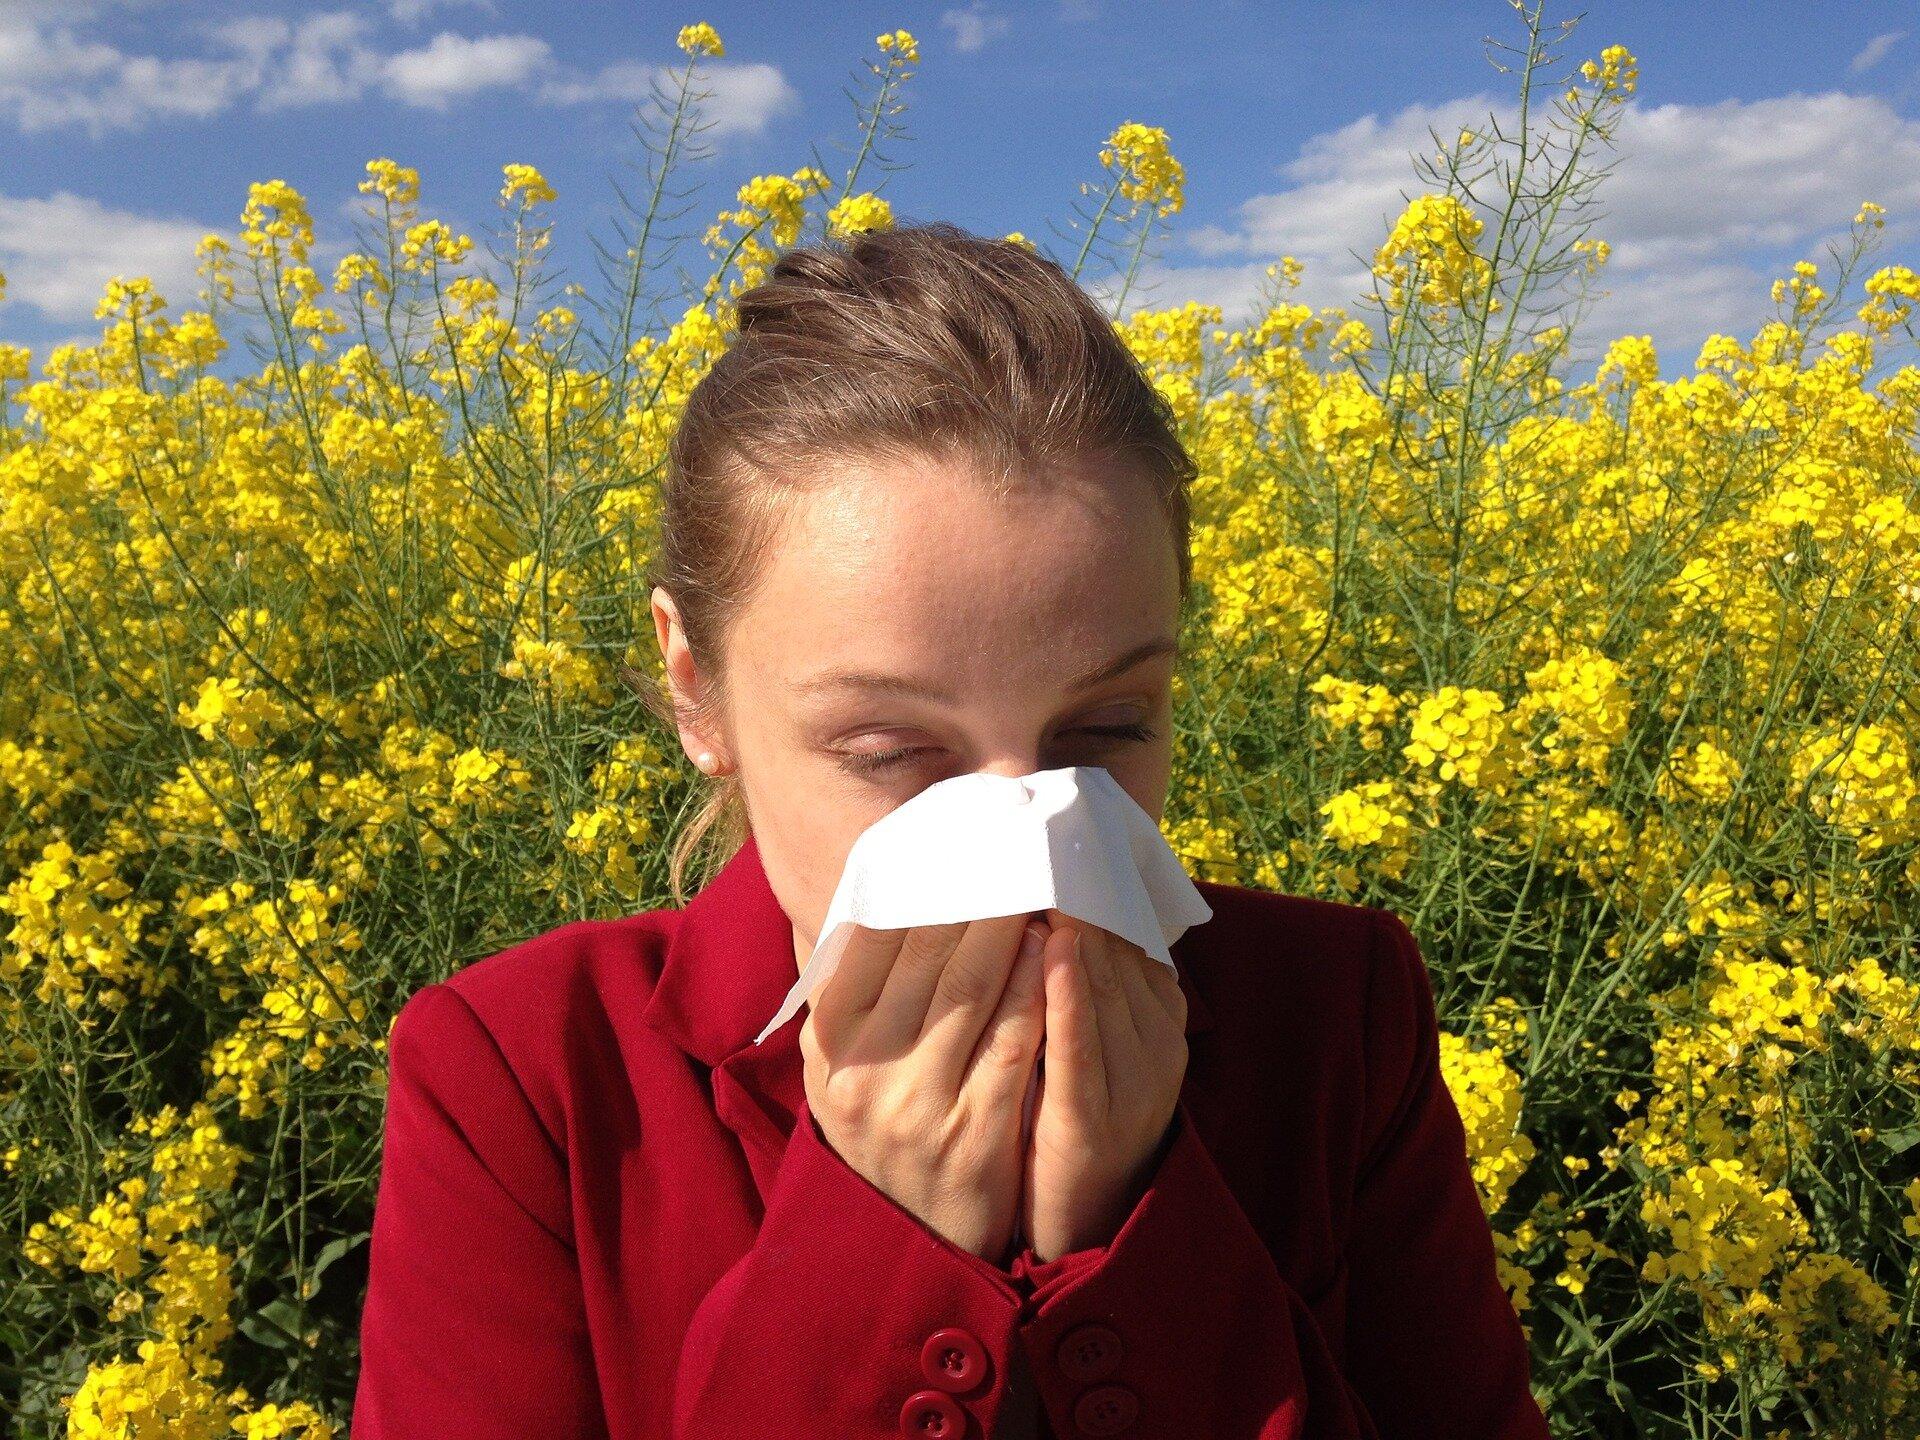 Suche nach der Quelle der Antikörper würde helfen, behandeln Allergien